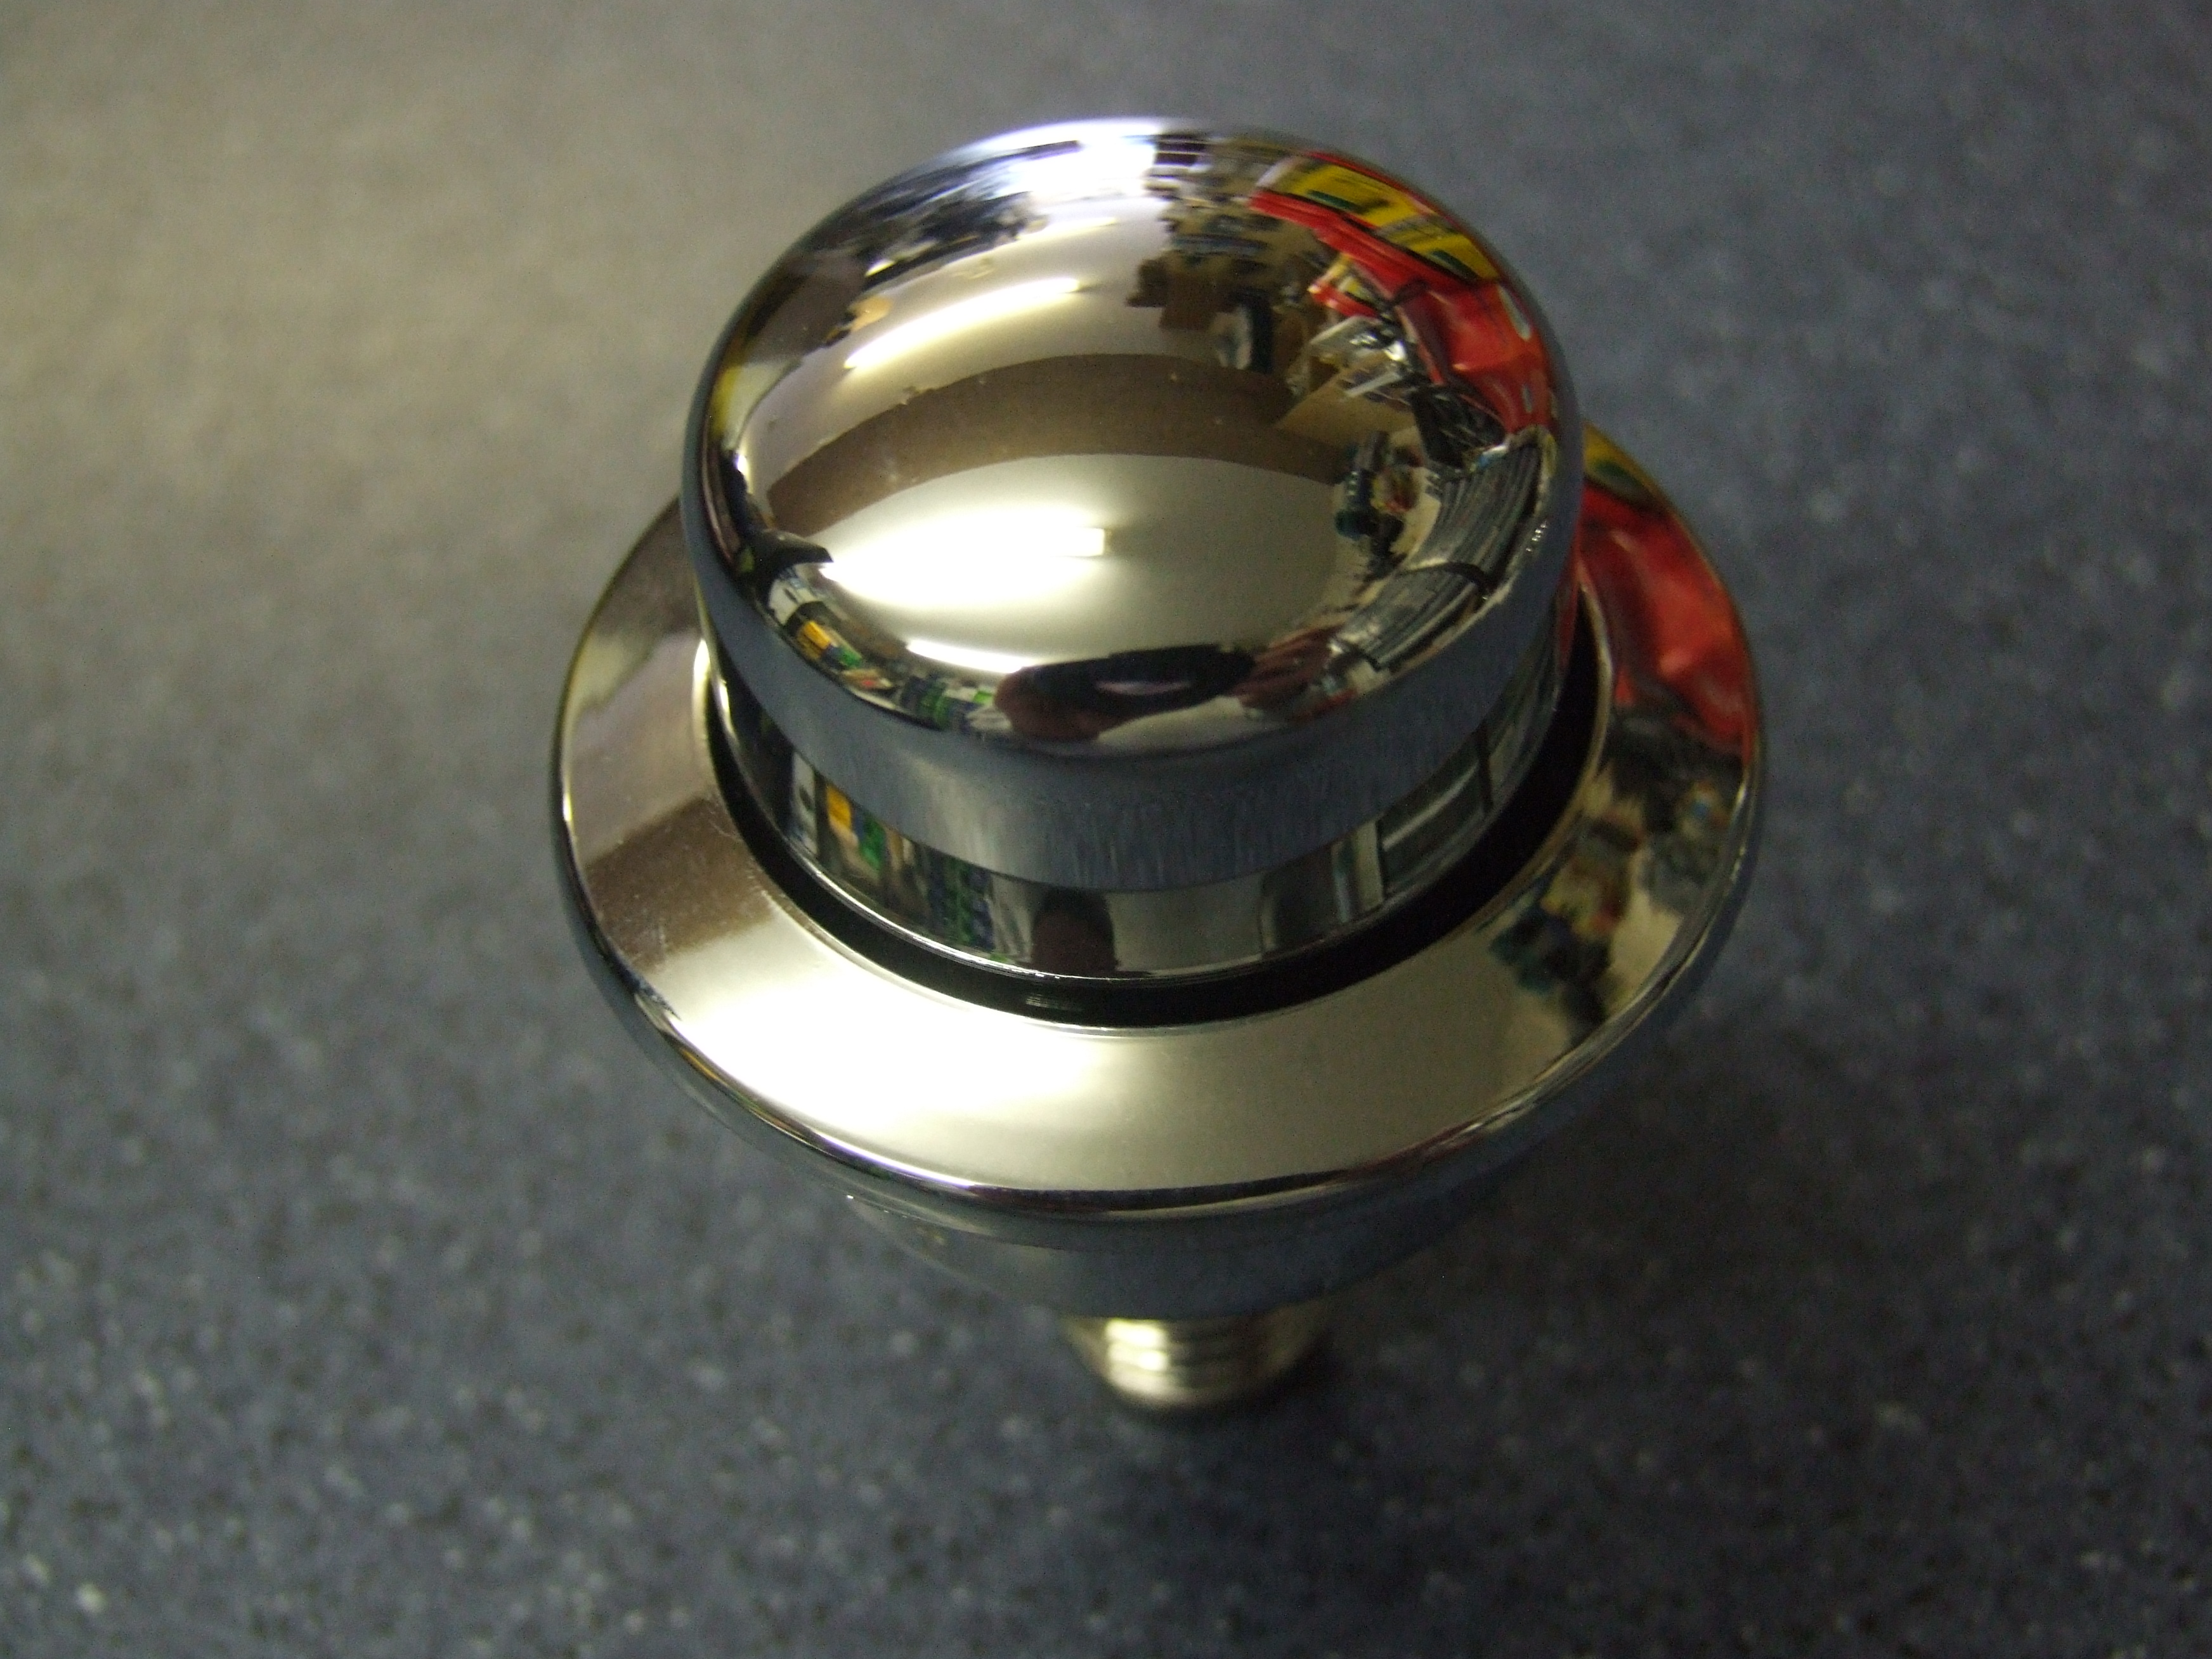 SIAMP OPTIMA 50 RASIED TOILET PUSH BUTTON 34505107 (7).JPG